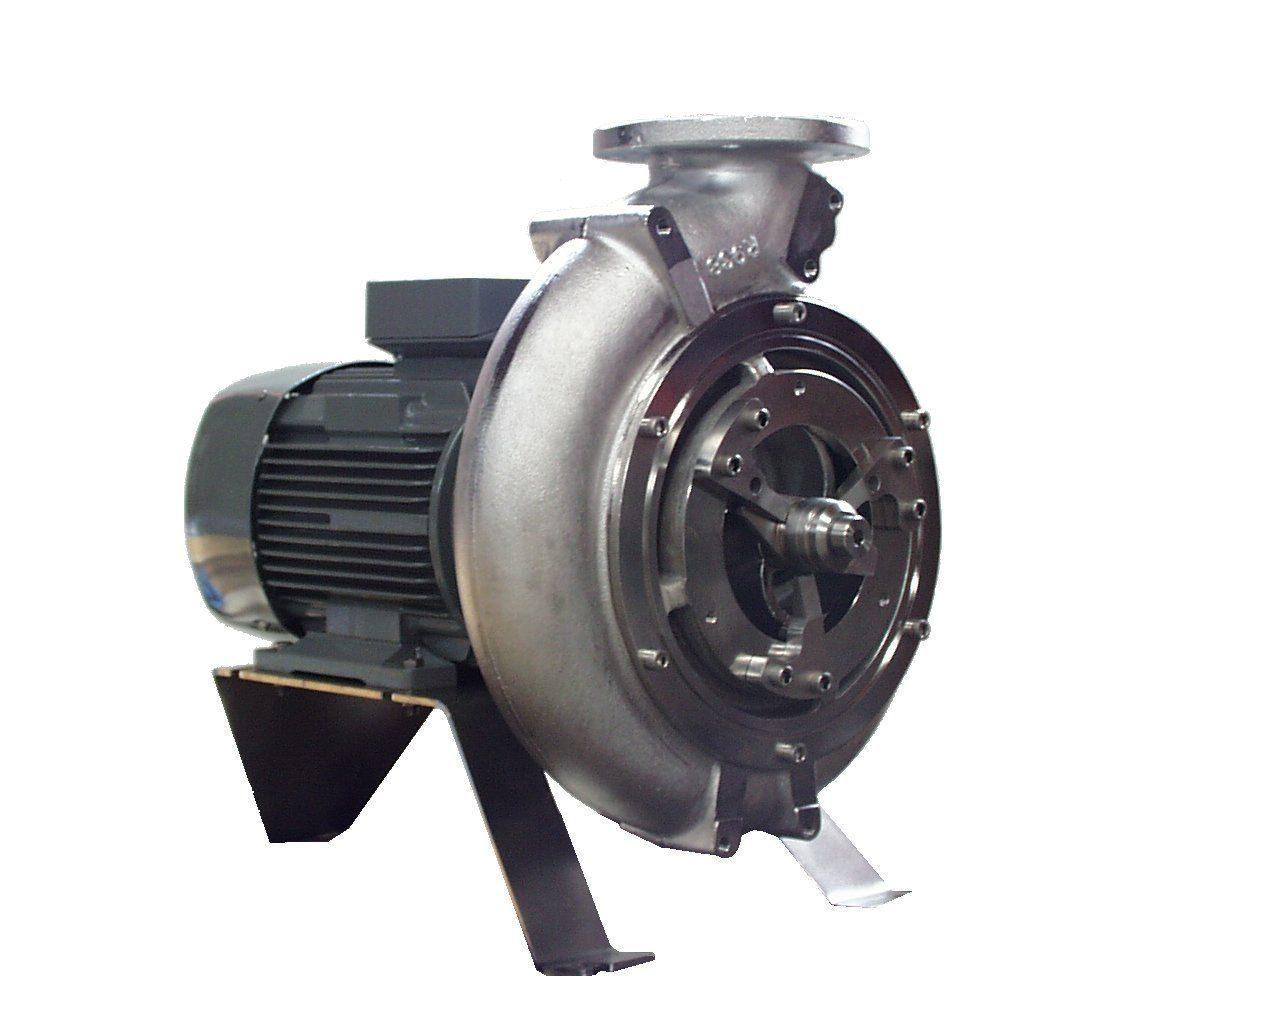 Pompe dilacératrice en cale sèche